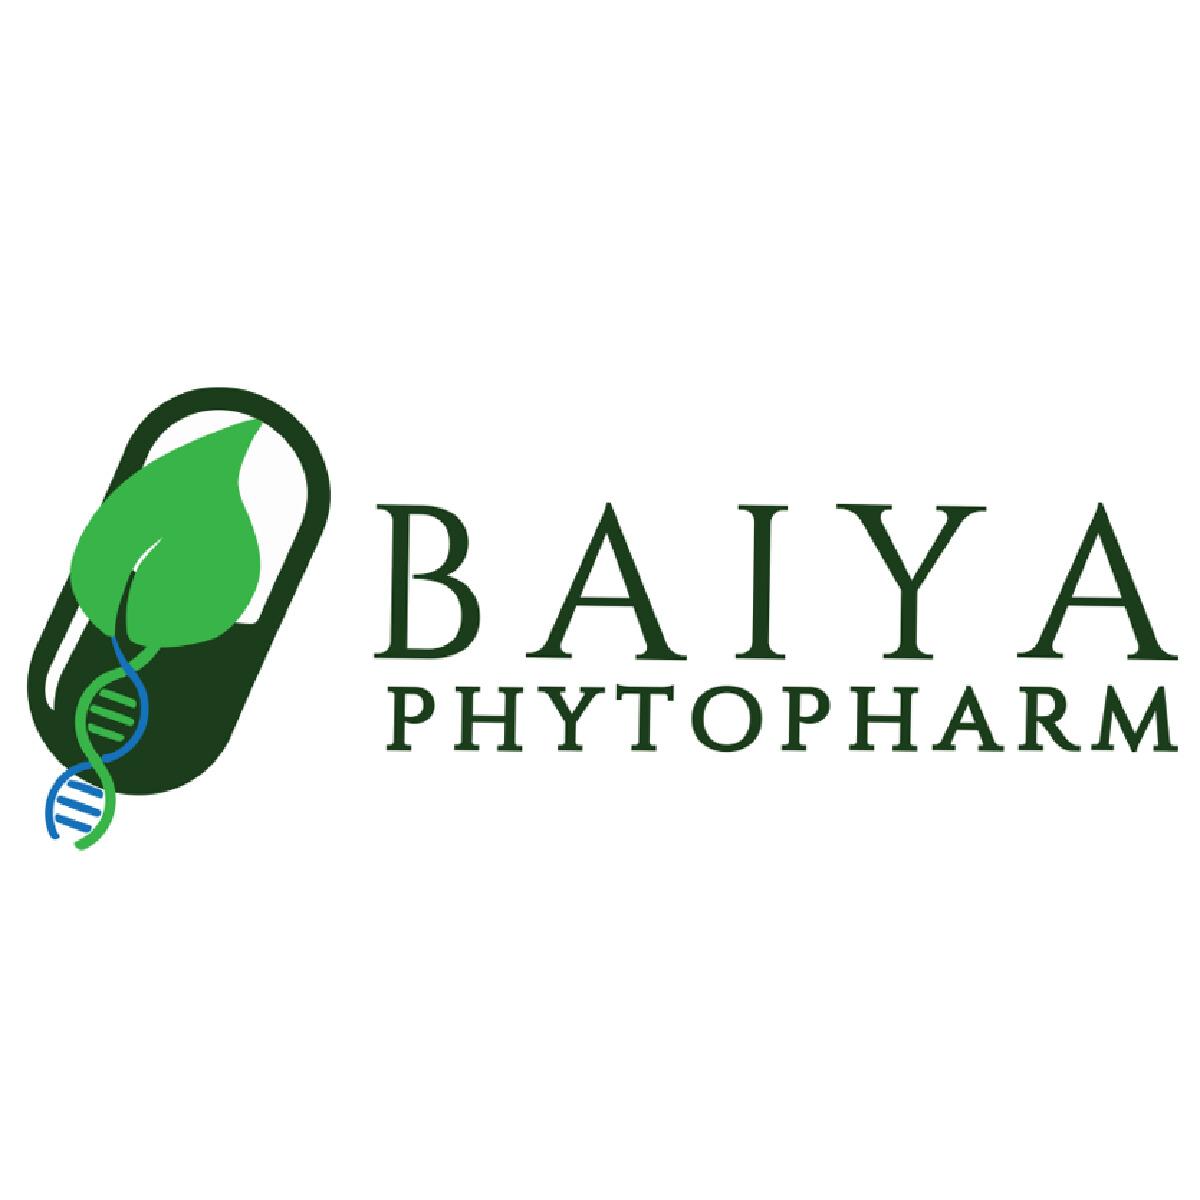 Baiya Phytopharm